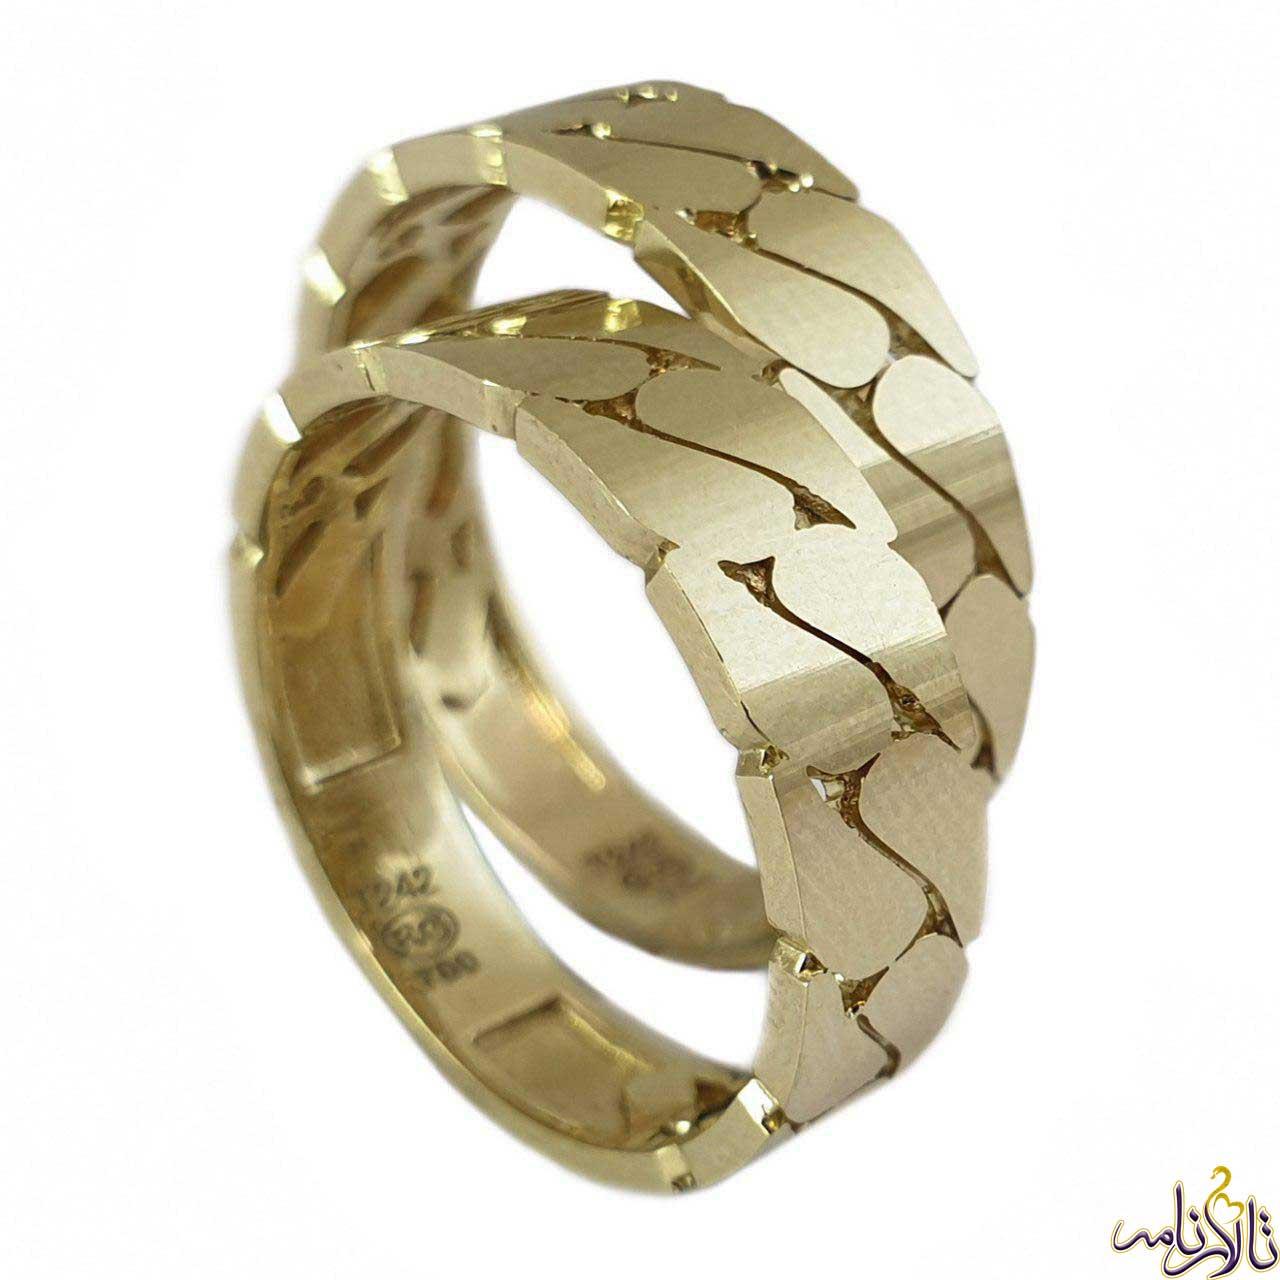 همه نکاتی که برای خرید حلقه ازدواج باید بدانیم